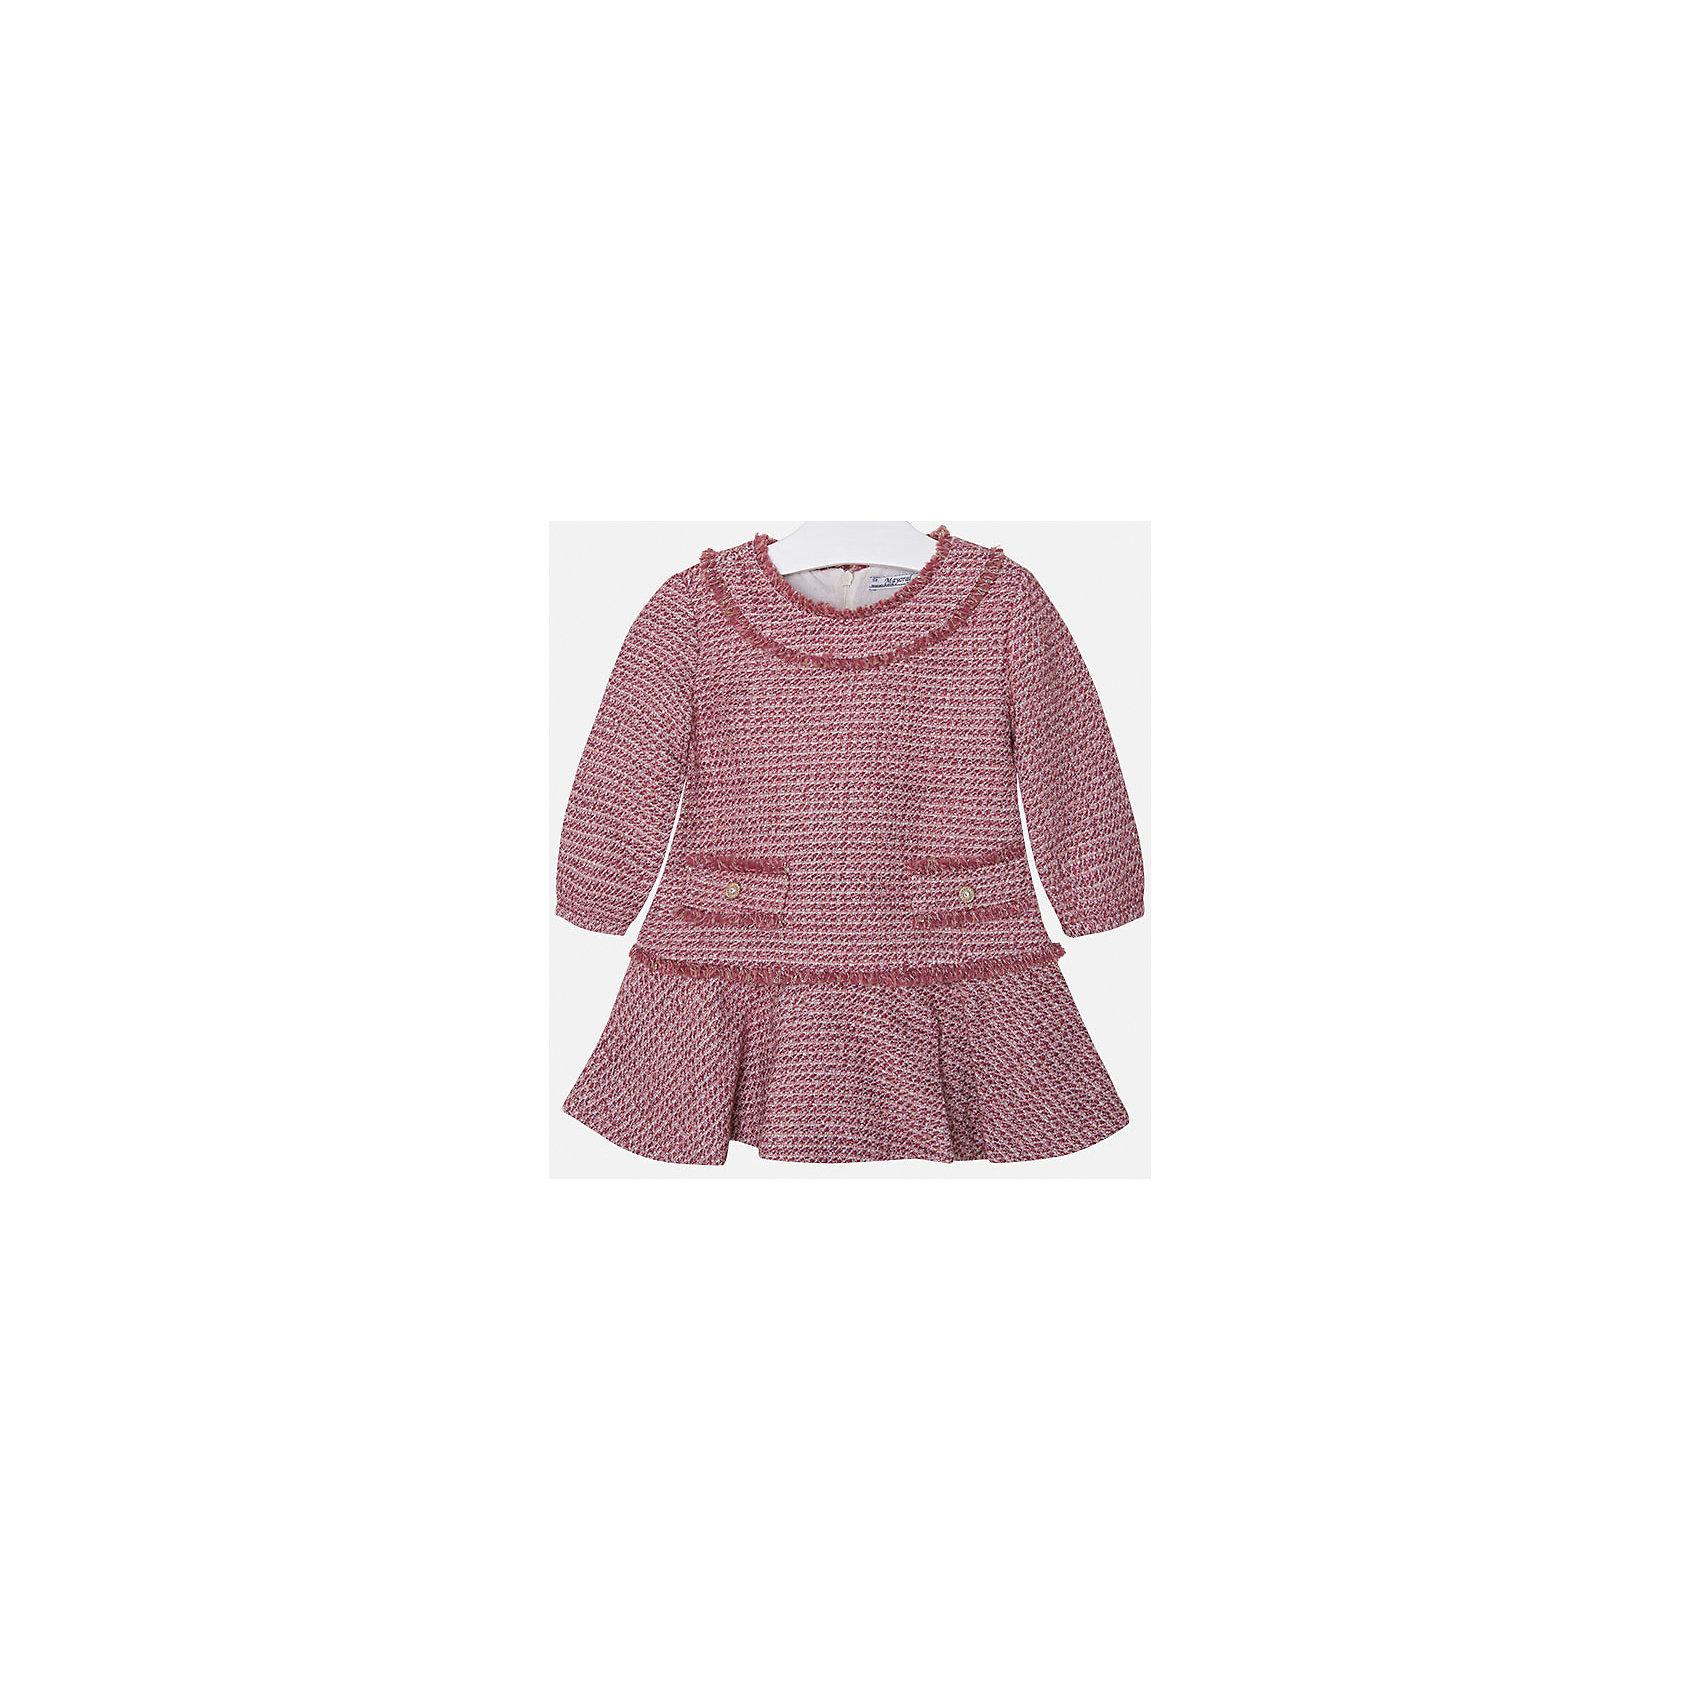 Платье для девочки MayoralПлатья и сарафаны<br>Платье для девочки от известного испанского бренда Mayoral(Майорал). Модель изготовлена из дышащих материалов высокого качества. Спереди платье украшено двумя декоративными карманами, застегивается на молнию сзади. Стильное гармоничное платье - прекрасный вариант на каждый день!<br>Дополнительная информация:<br>-застегивается на молнию сзади<br>-2 декоративных кармана спереди<br>-цвет: красный<br>-состав. 32% акрил, 25% хлопок, 22% шерсть, 16% полиэстер, 5% металлическое волокно; подкладка: 50% хлопок, 50% полиэстер<br>Платье Mayoral(Майорал) вы можете приобрести в нашем интернет-магазине.<br><br>Ширина мм: 236<br>Глубина мм: 16<br>Высота мм: 184<br>Вес г: 177<br>Цвет: розовый<br>Возраст от месяцев: 18<br>Возраст до месяцев: 24<br>Пол: Женский<br>Возраст: Детский<br>Размер: 92,134,128,110,98,122,104,116<br>SKU: 4844468